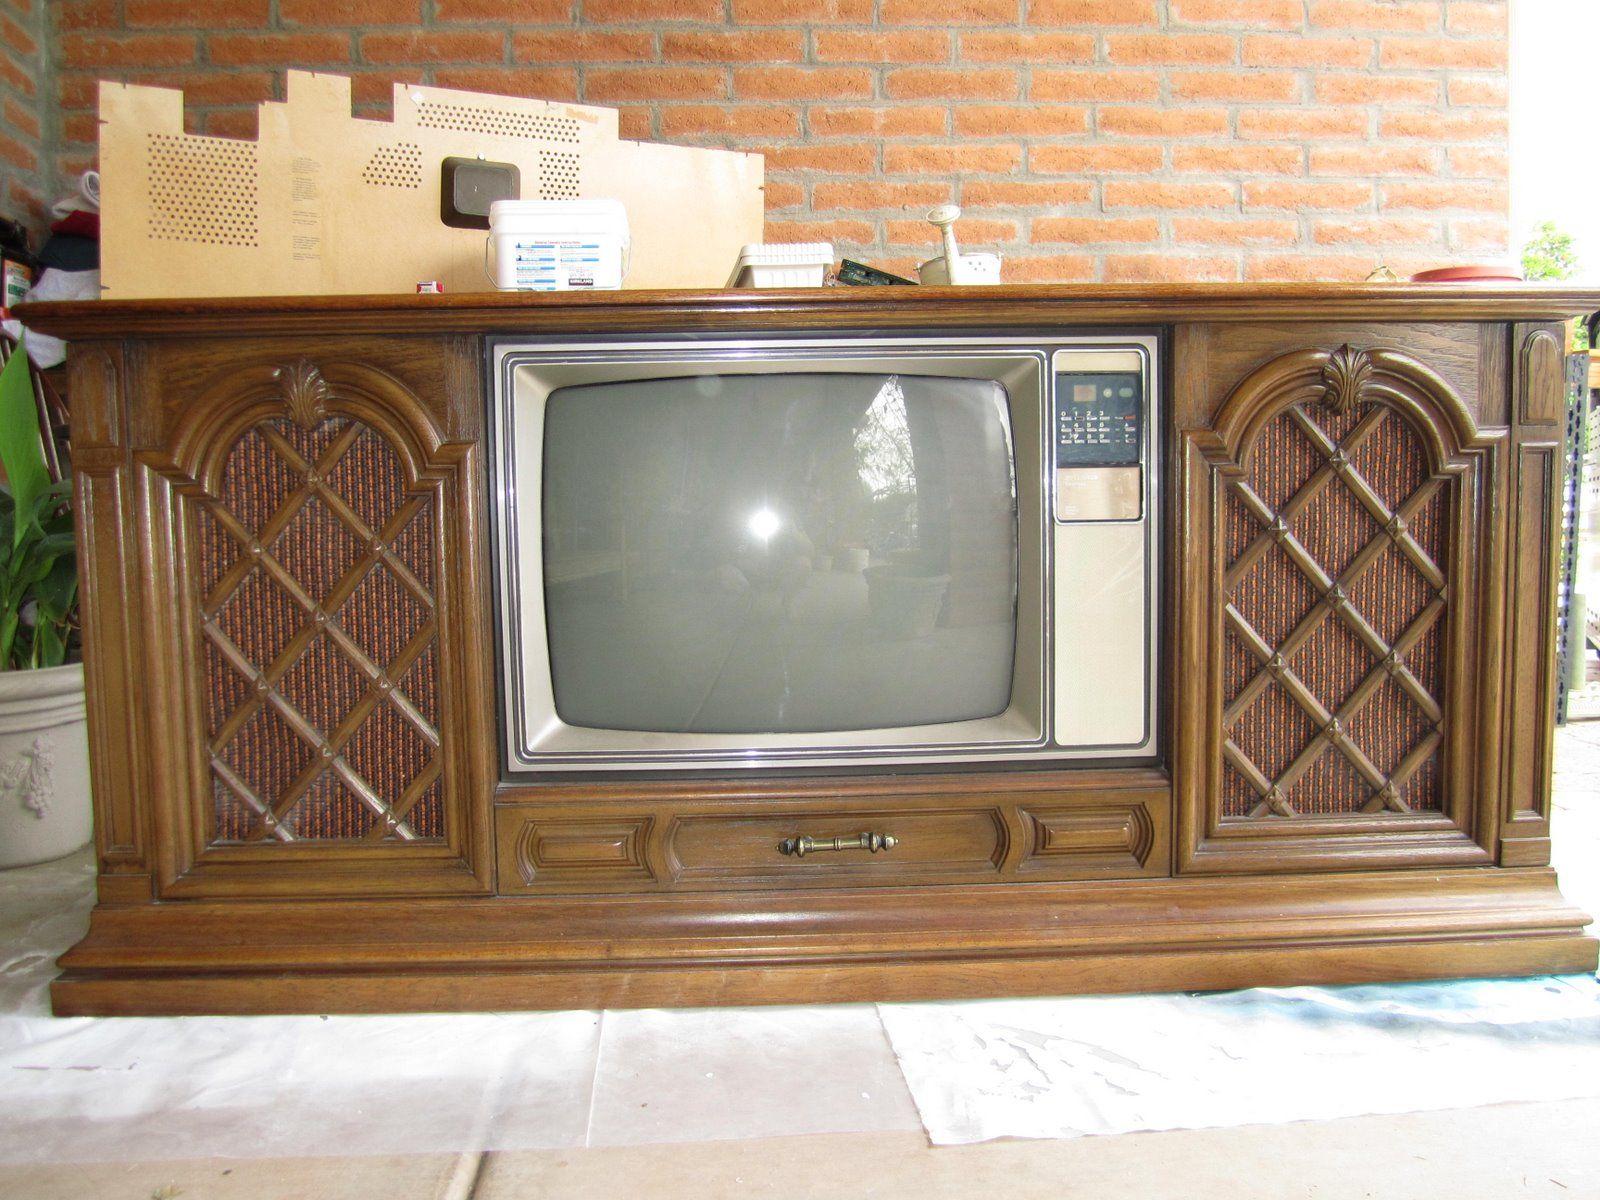 Repurposed Junk Repurposed Junk Old Tv To Updated Flat